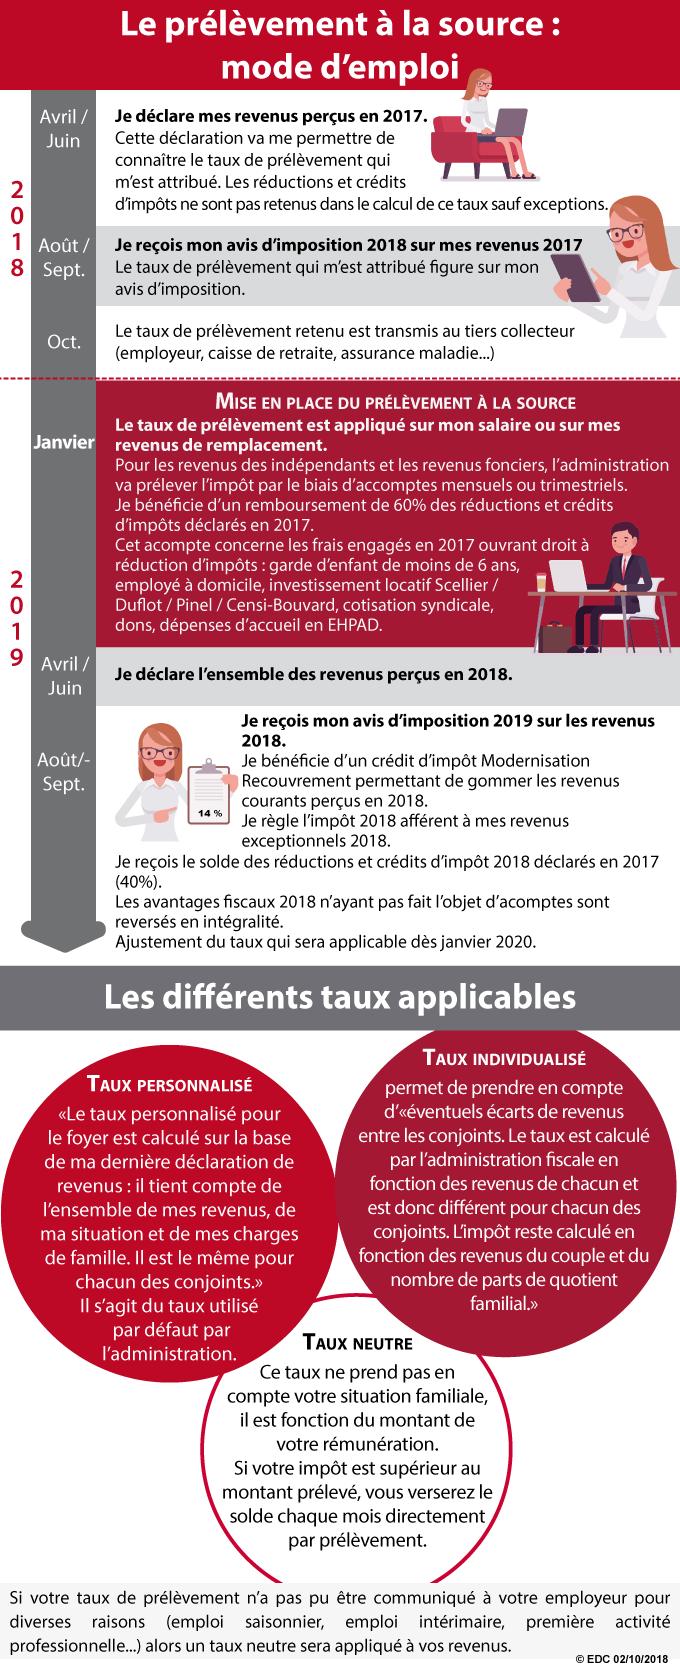 prélèvement-source-impôt-EDC